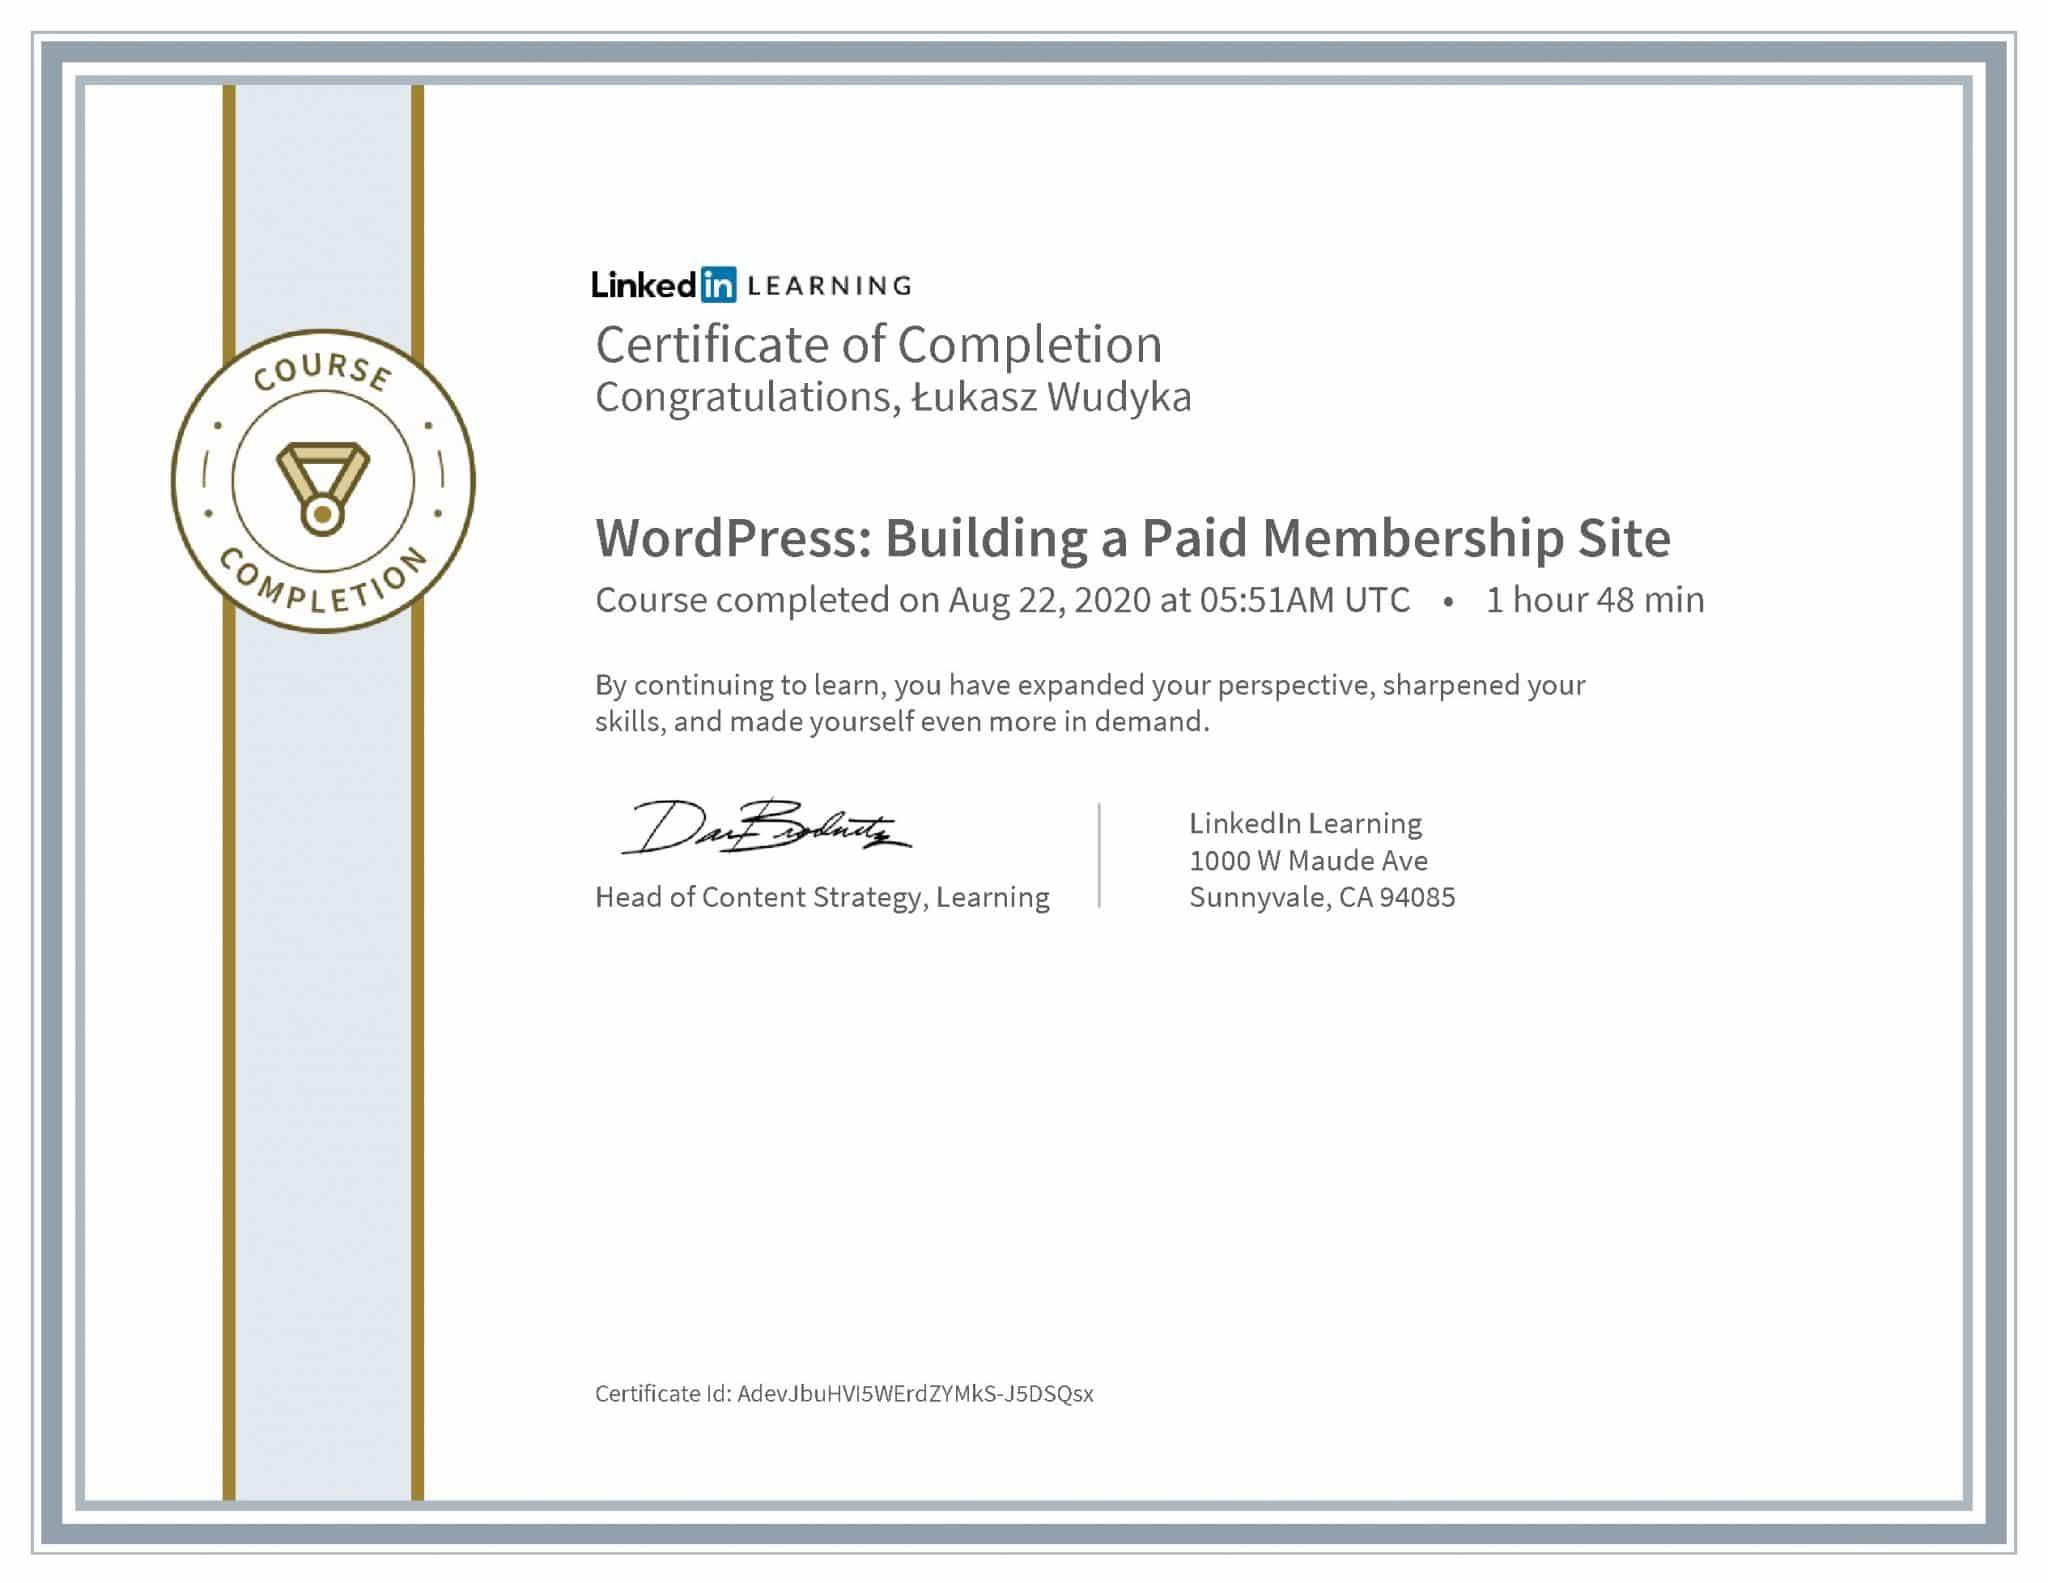 Łukasz Wudyka certyfikat LinkedIn WordPress: Building a Paid Membership Site